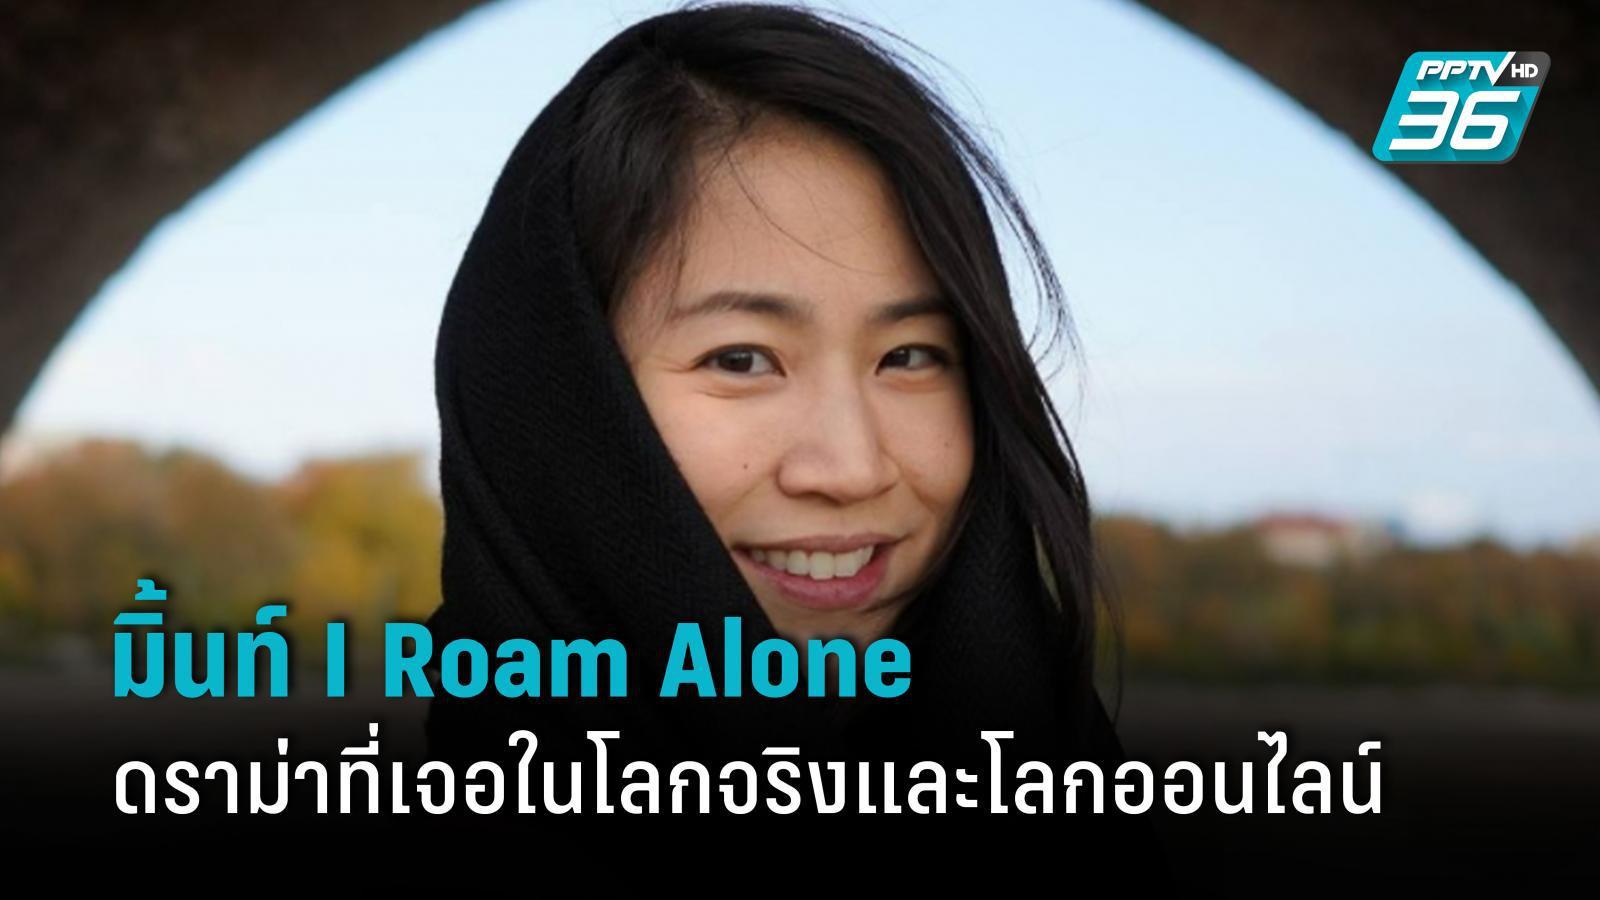 มิ้นท์ I Roam Alone ดราม่าที่เธอต้องเจอทั้งโลกจริงและโลกออนไลน์